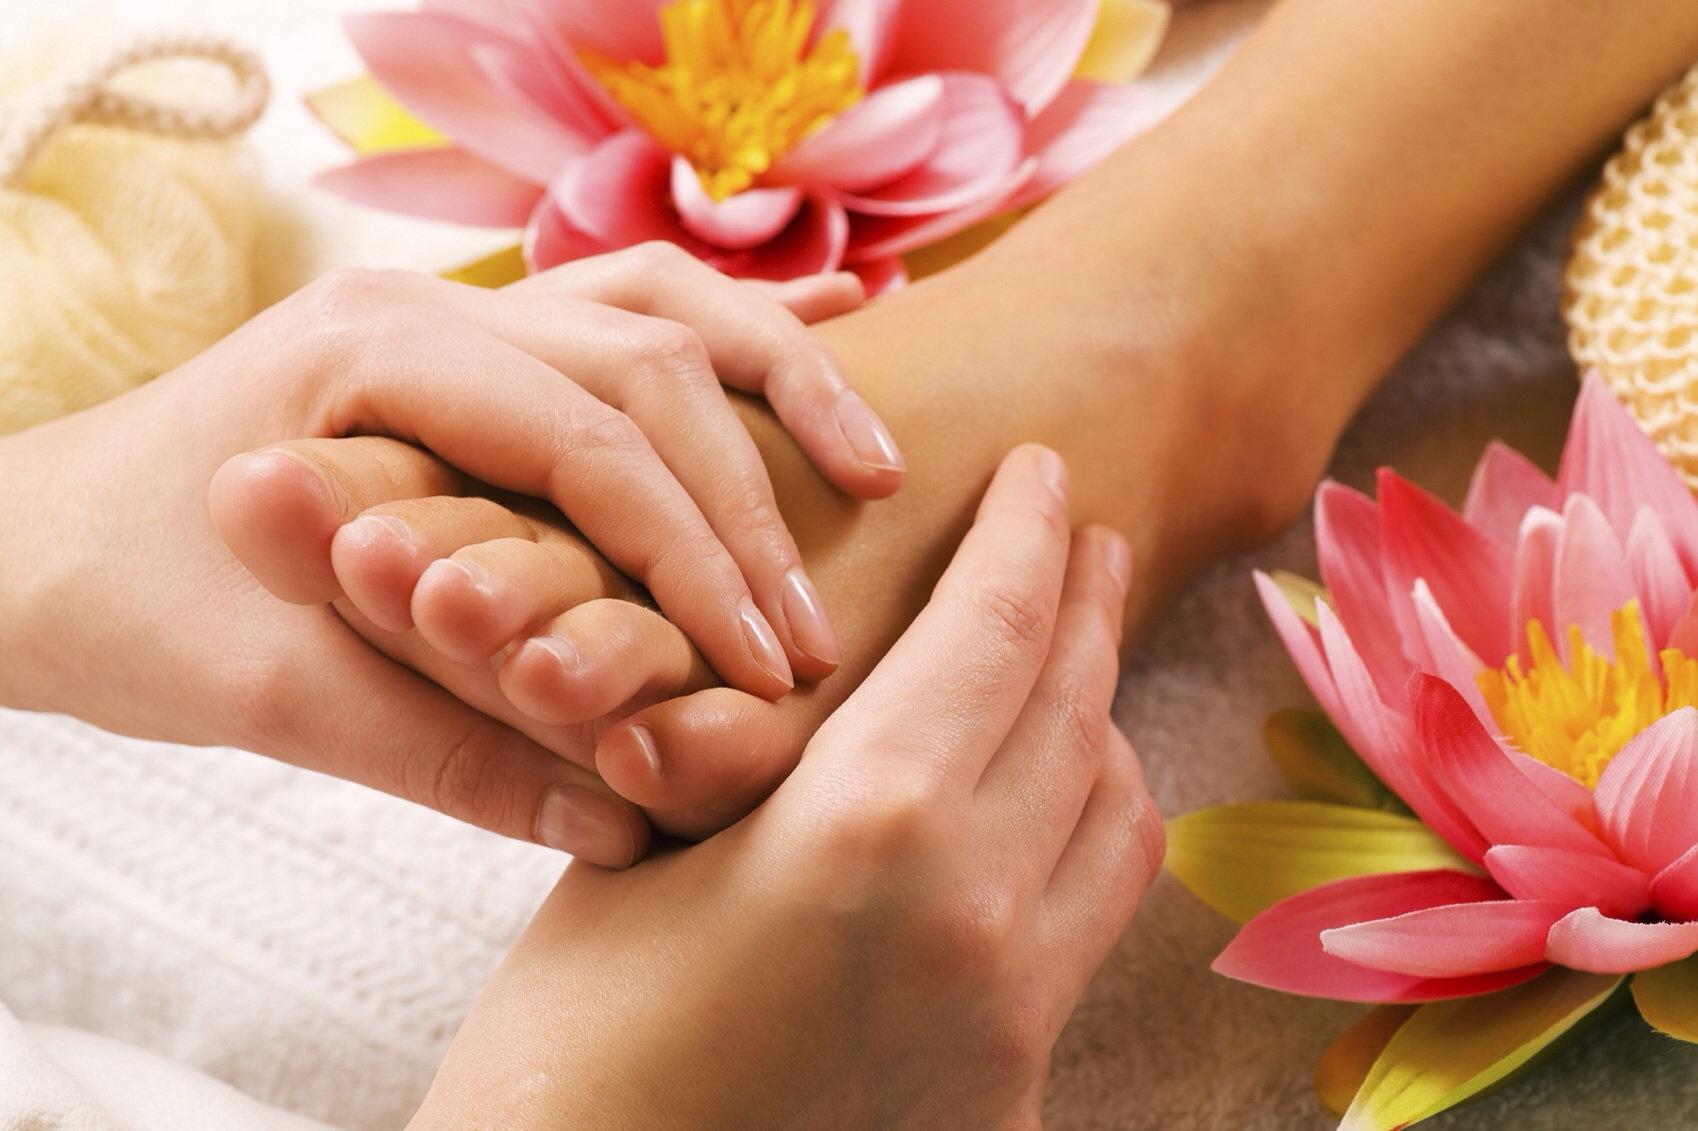 Thai Foot Massage/Reflexology 30 Mins